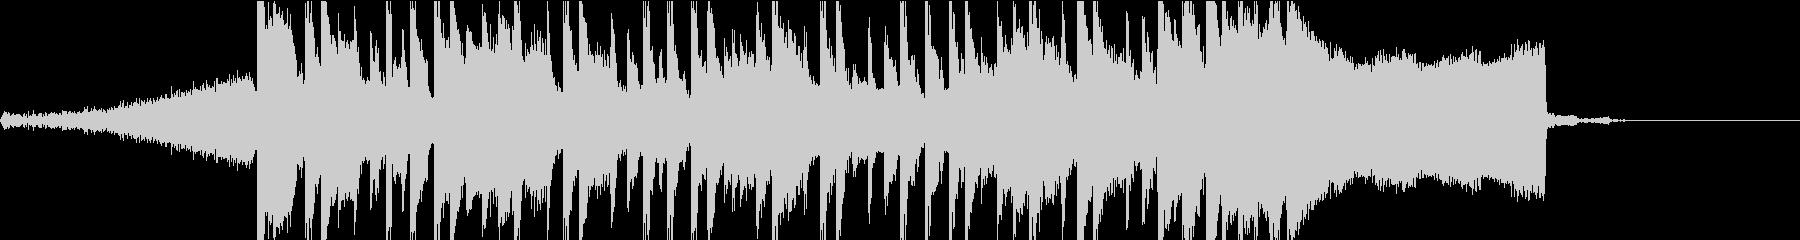 短いCM等に使えそうなEDMの未再生の波形